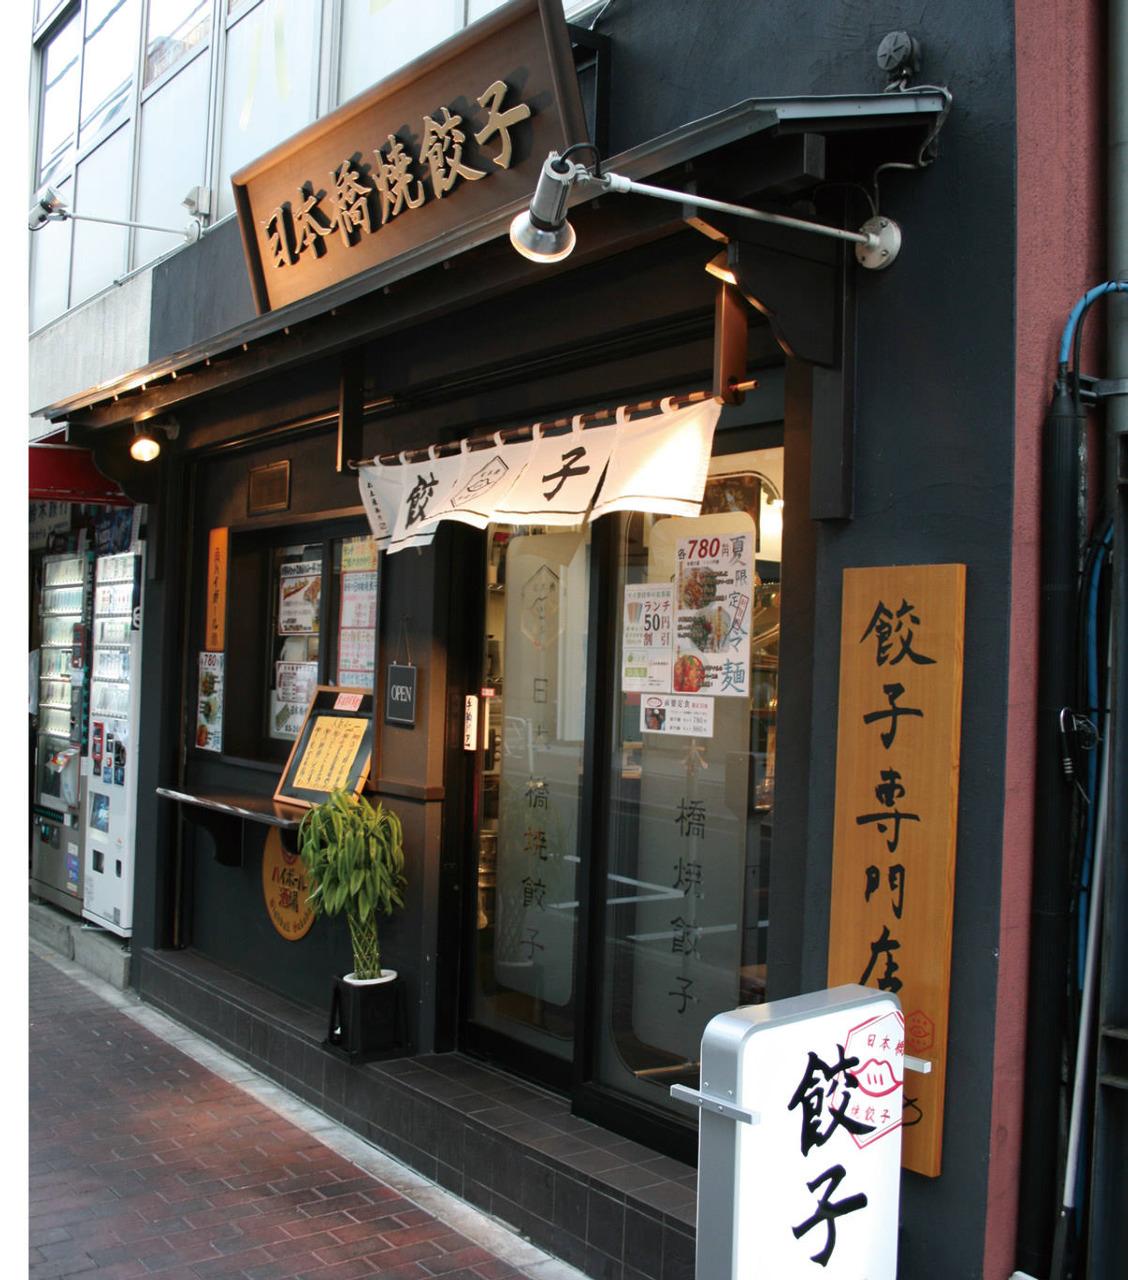 日本橋焼餃子 本店のイメージ写真